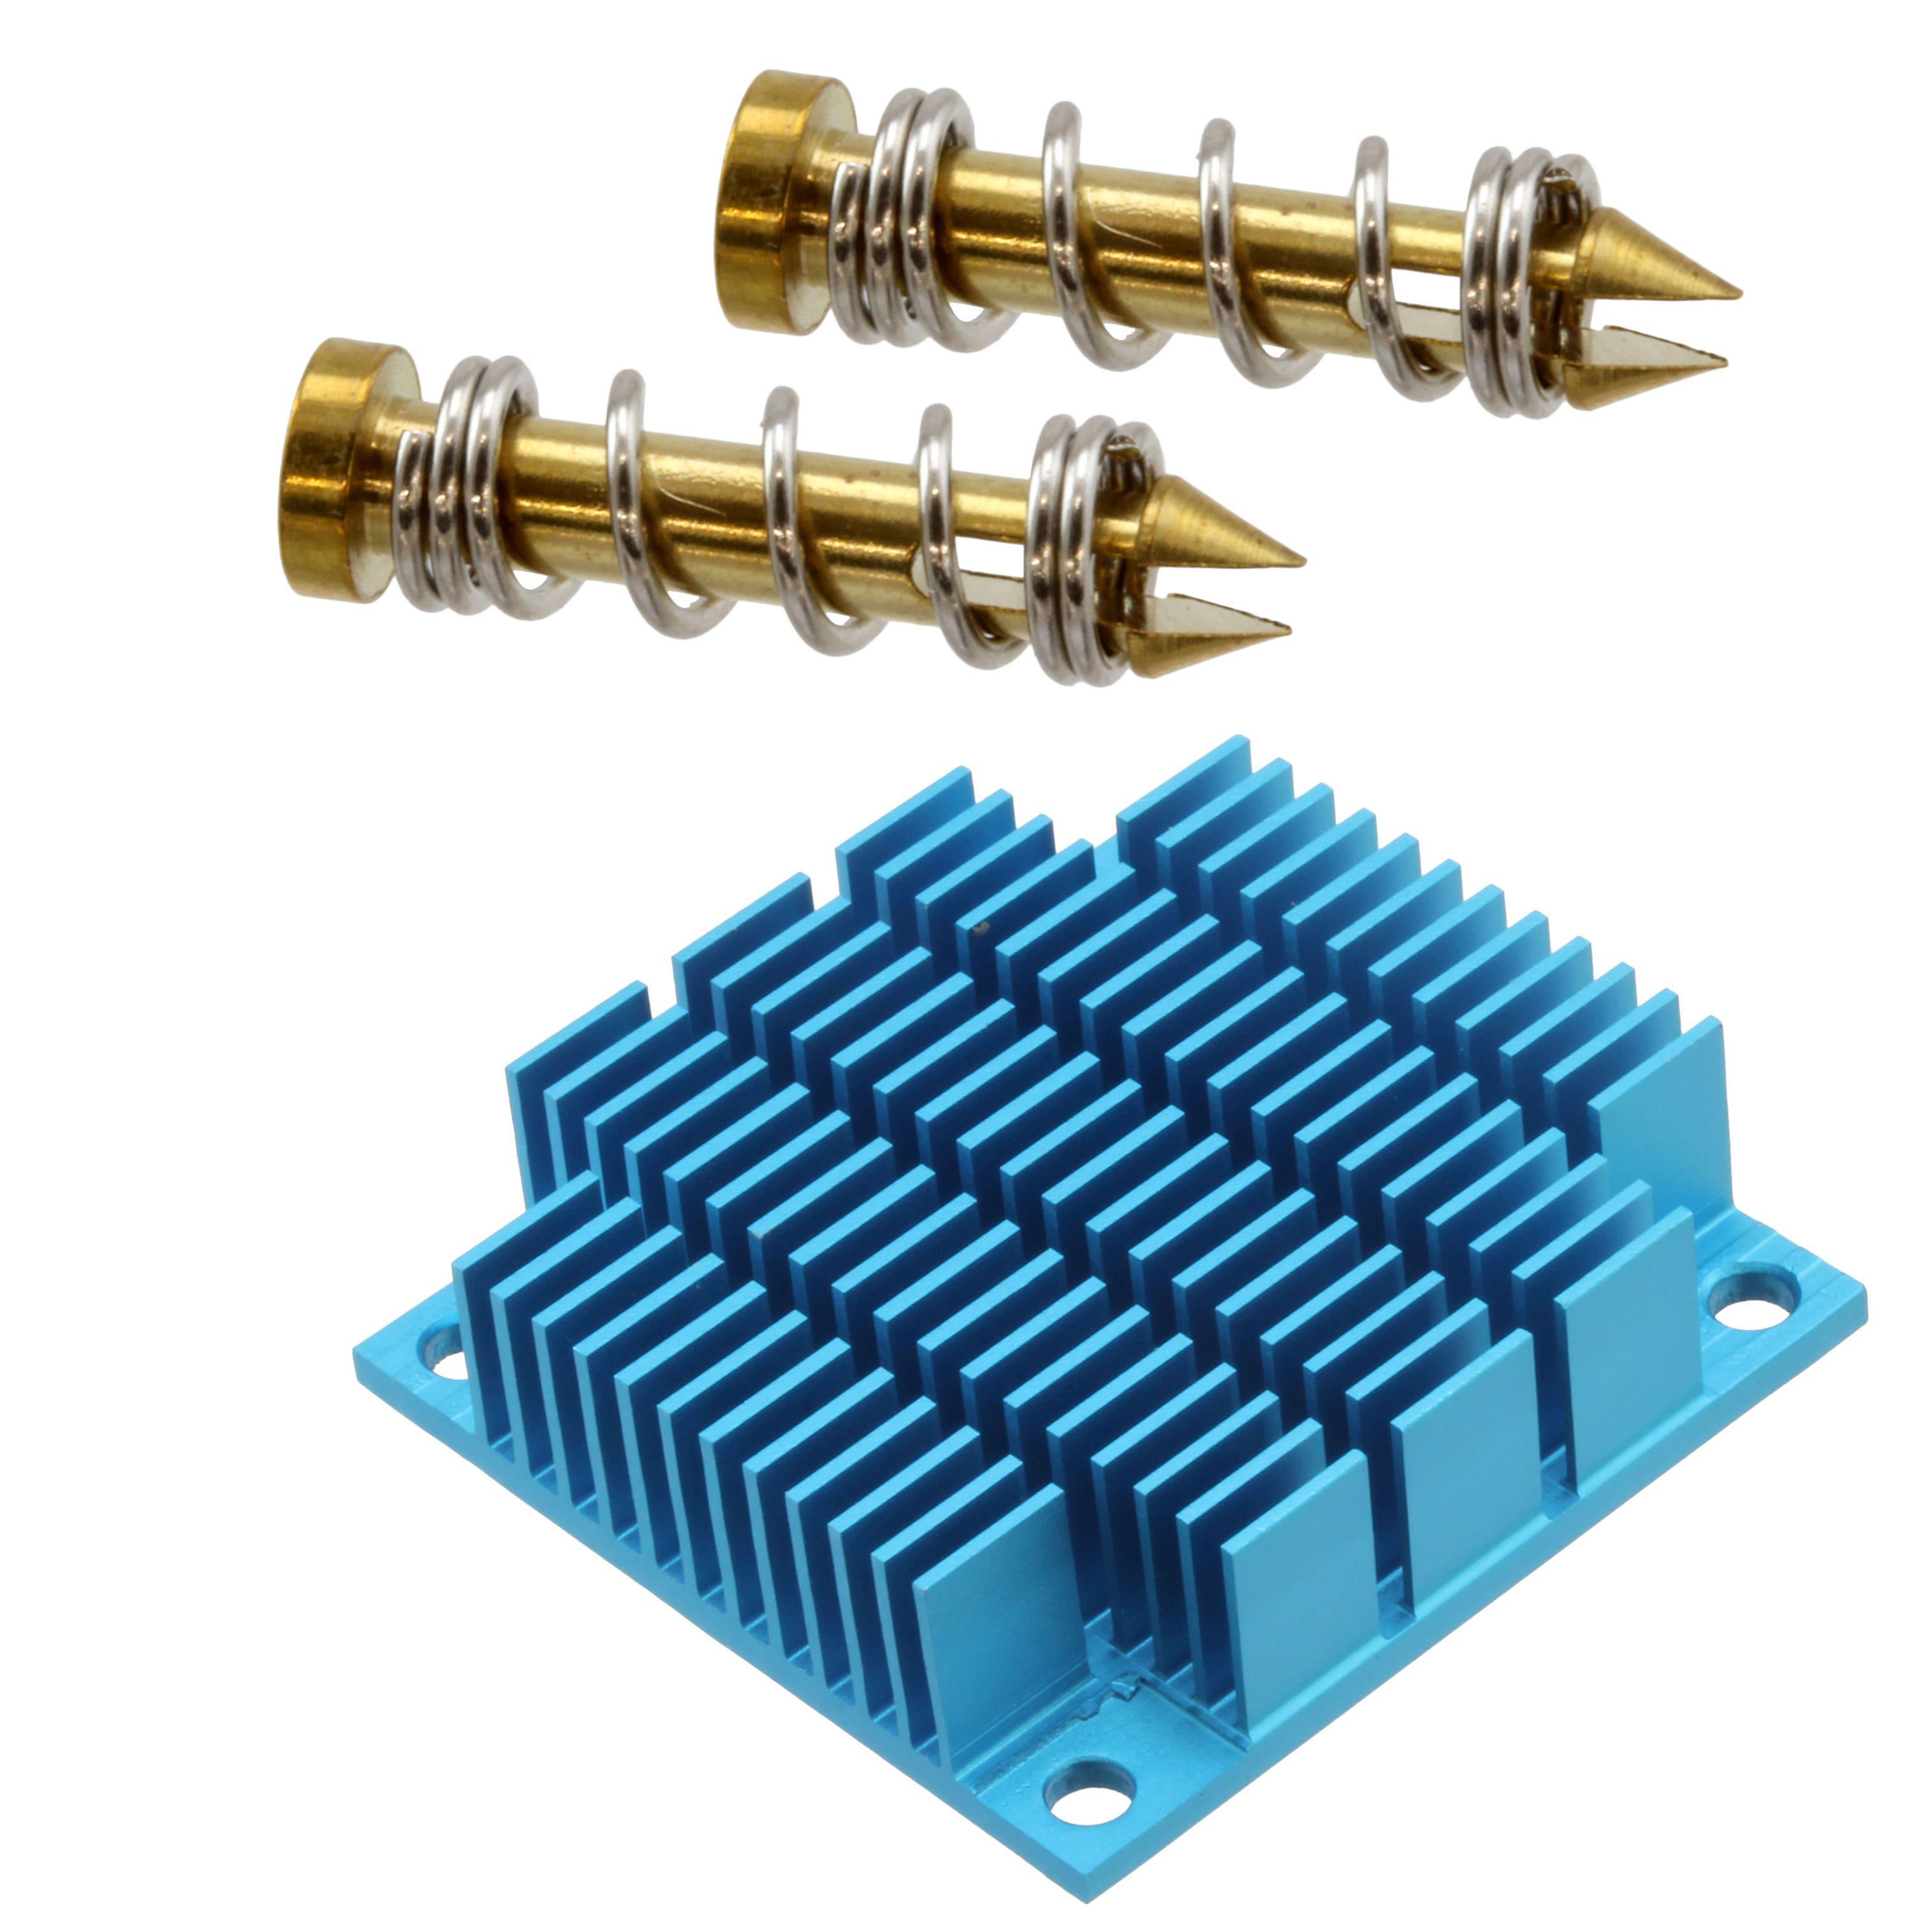 ATS-11A-07-C1-R0                                              Advanced Thermal Solutions Inc. ATS-11A-07-C1-R0